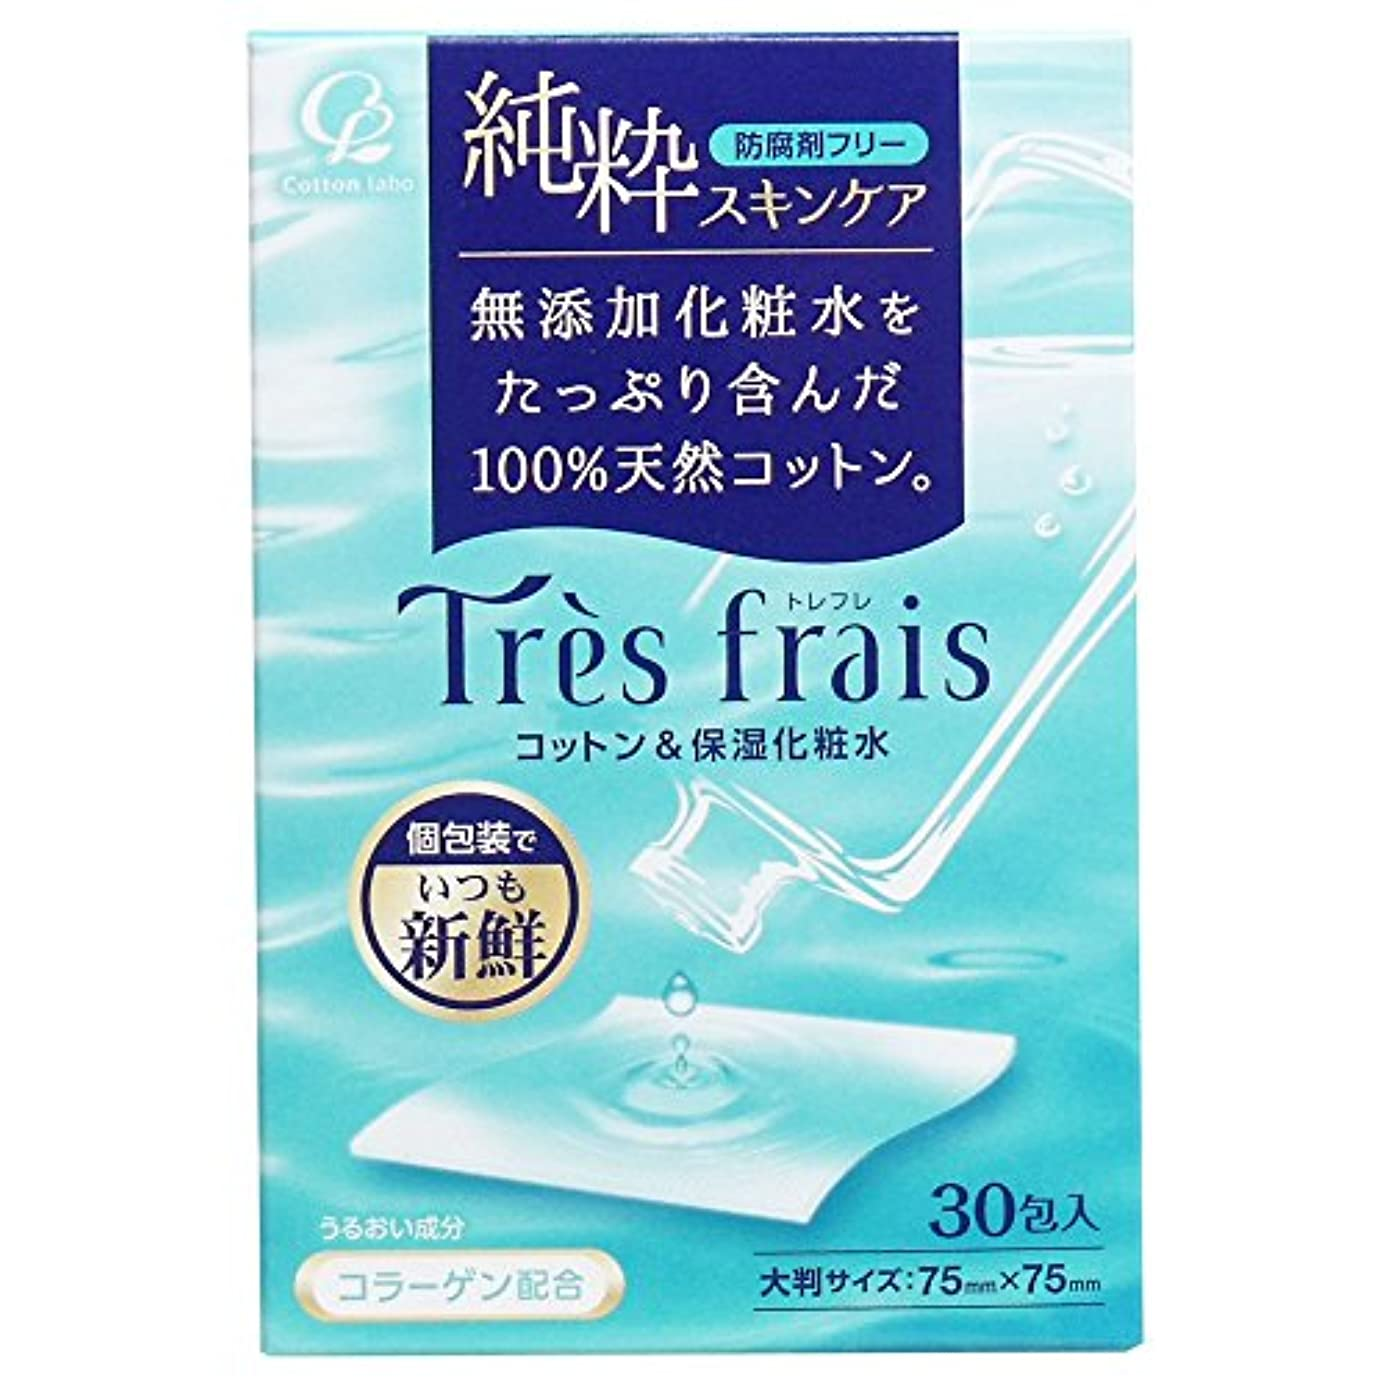 感覚仲間、同僚ビルトレフレ コットン&保湿化粧水 30包